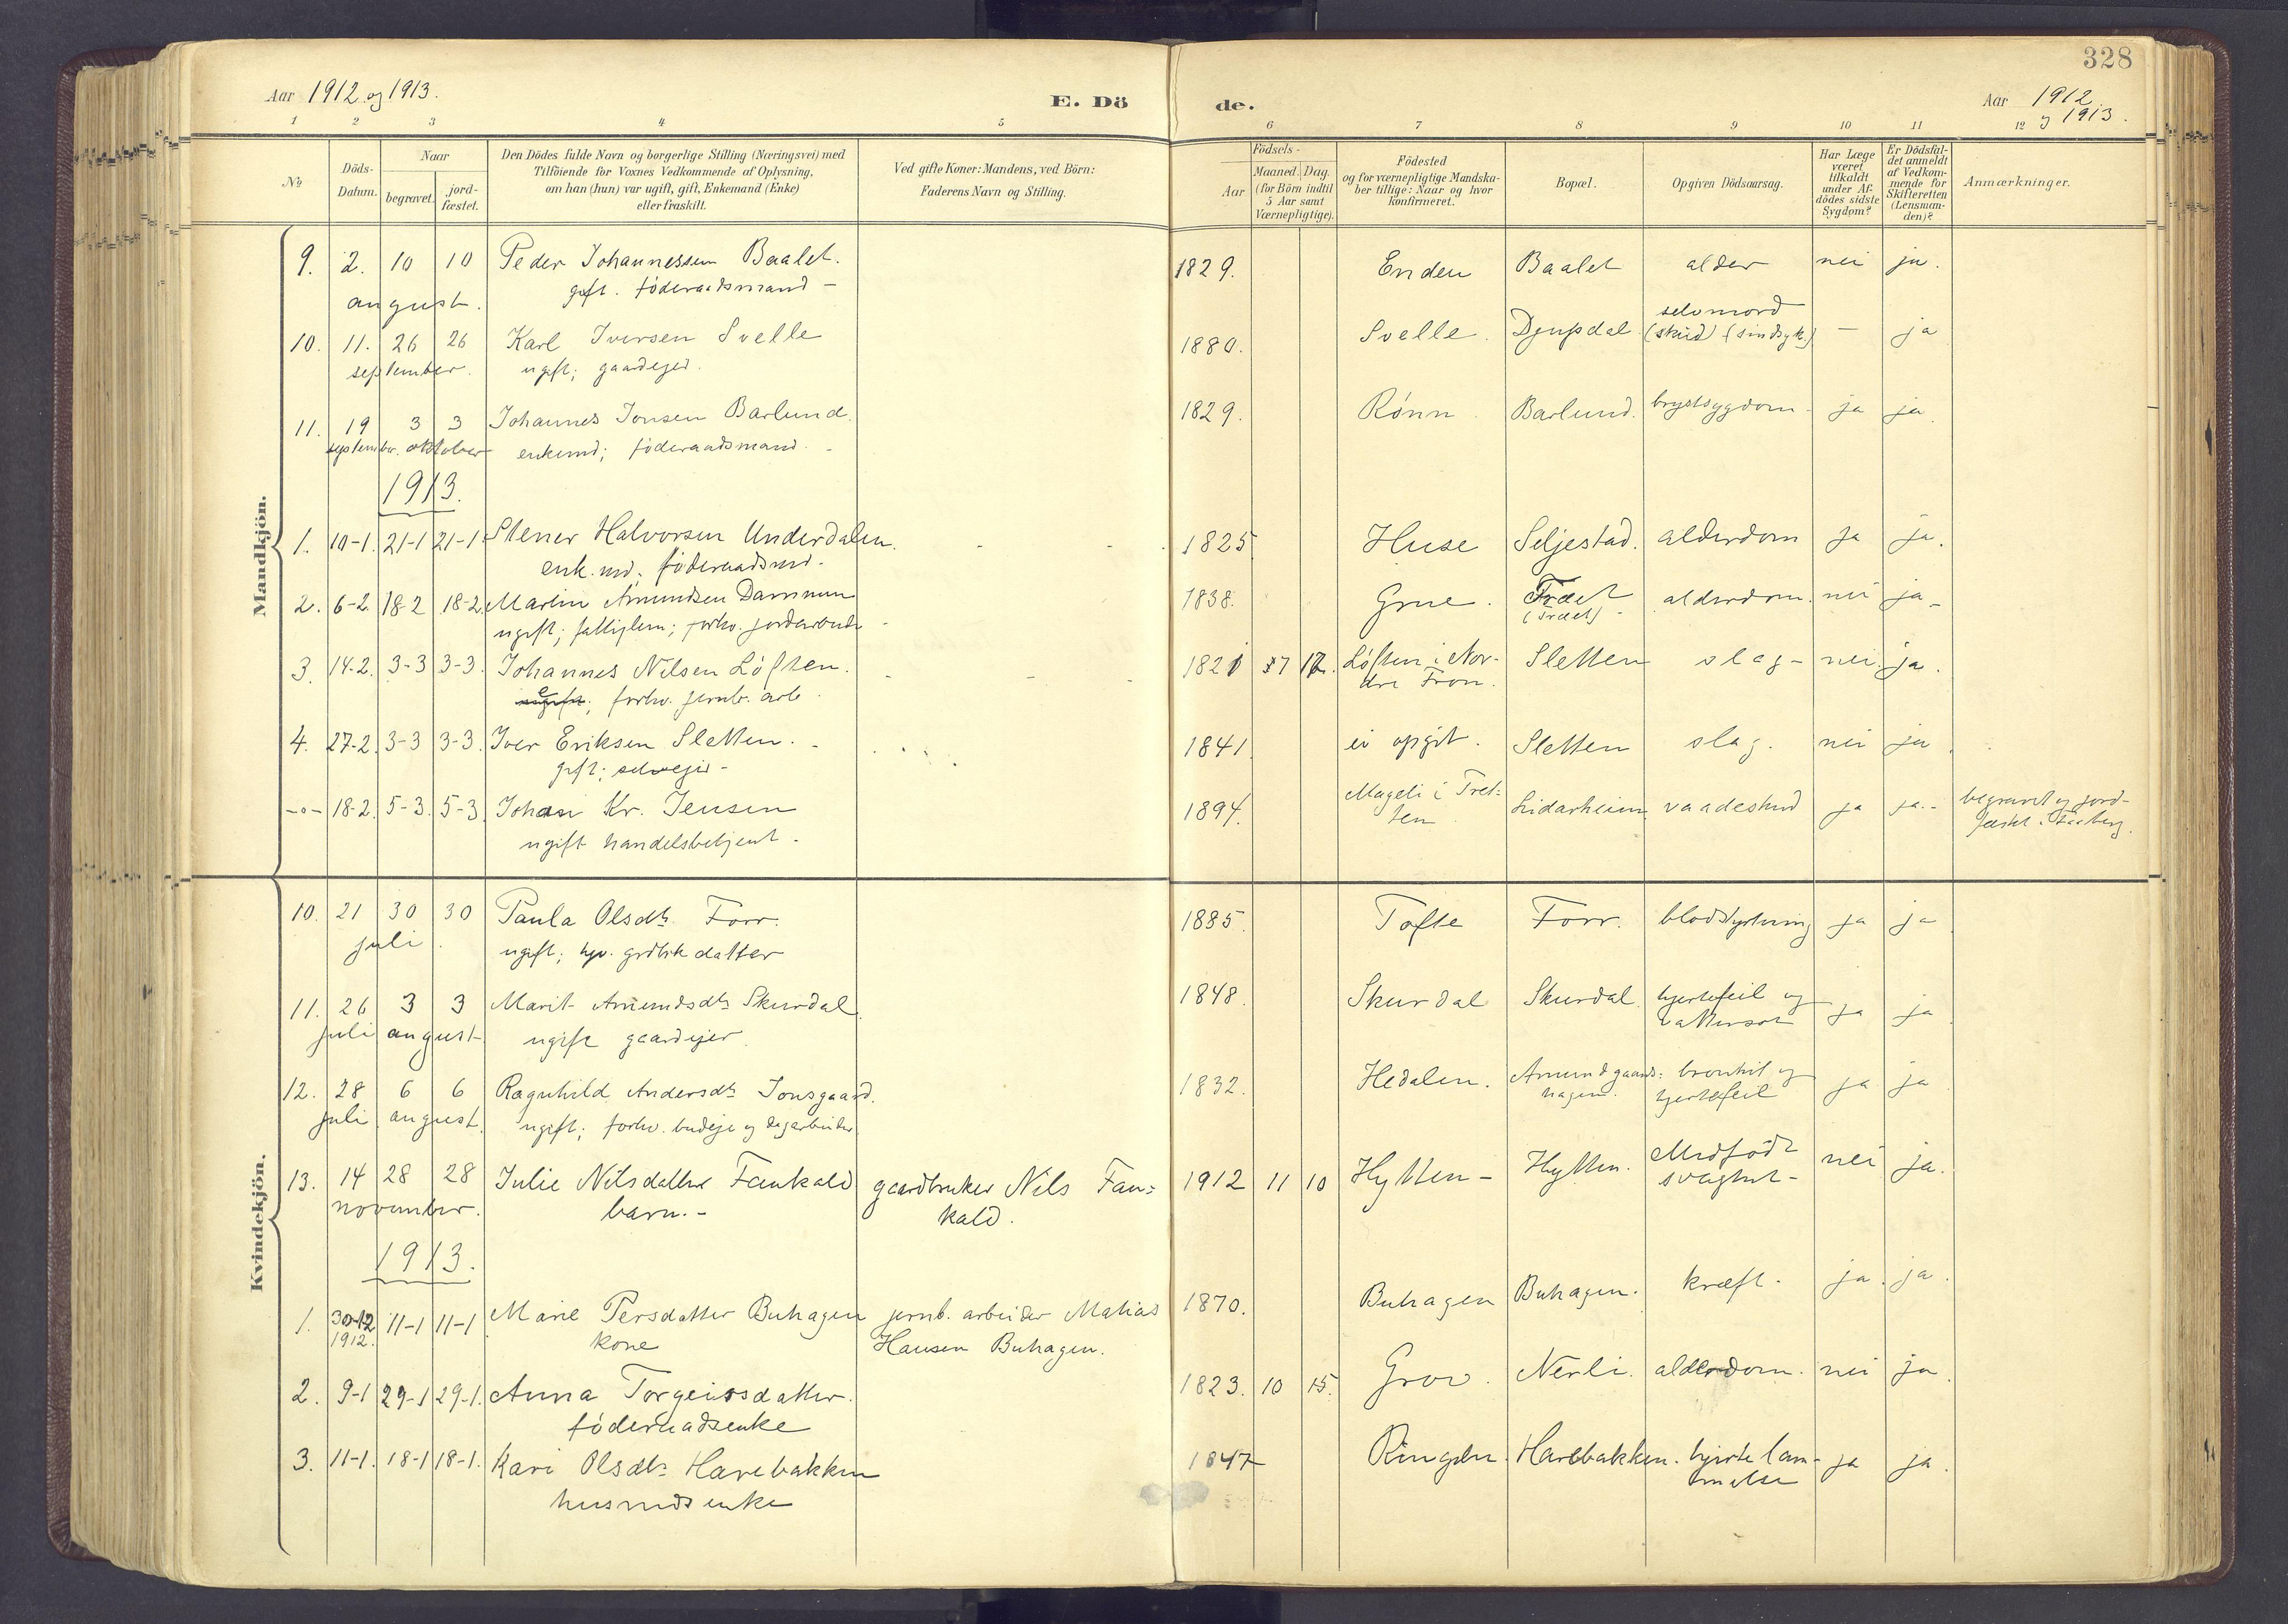 SAH, Sør-Fron prestekontor, H/Ha/Haa/L0004: Ministerialbok nr. 4, 1898-1919, s. 328